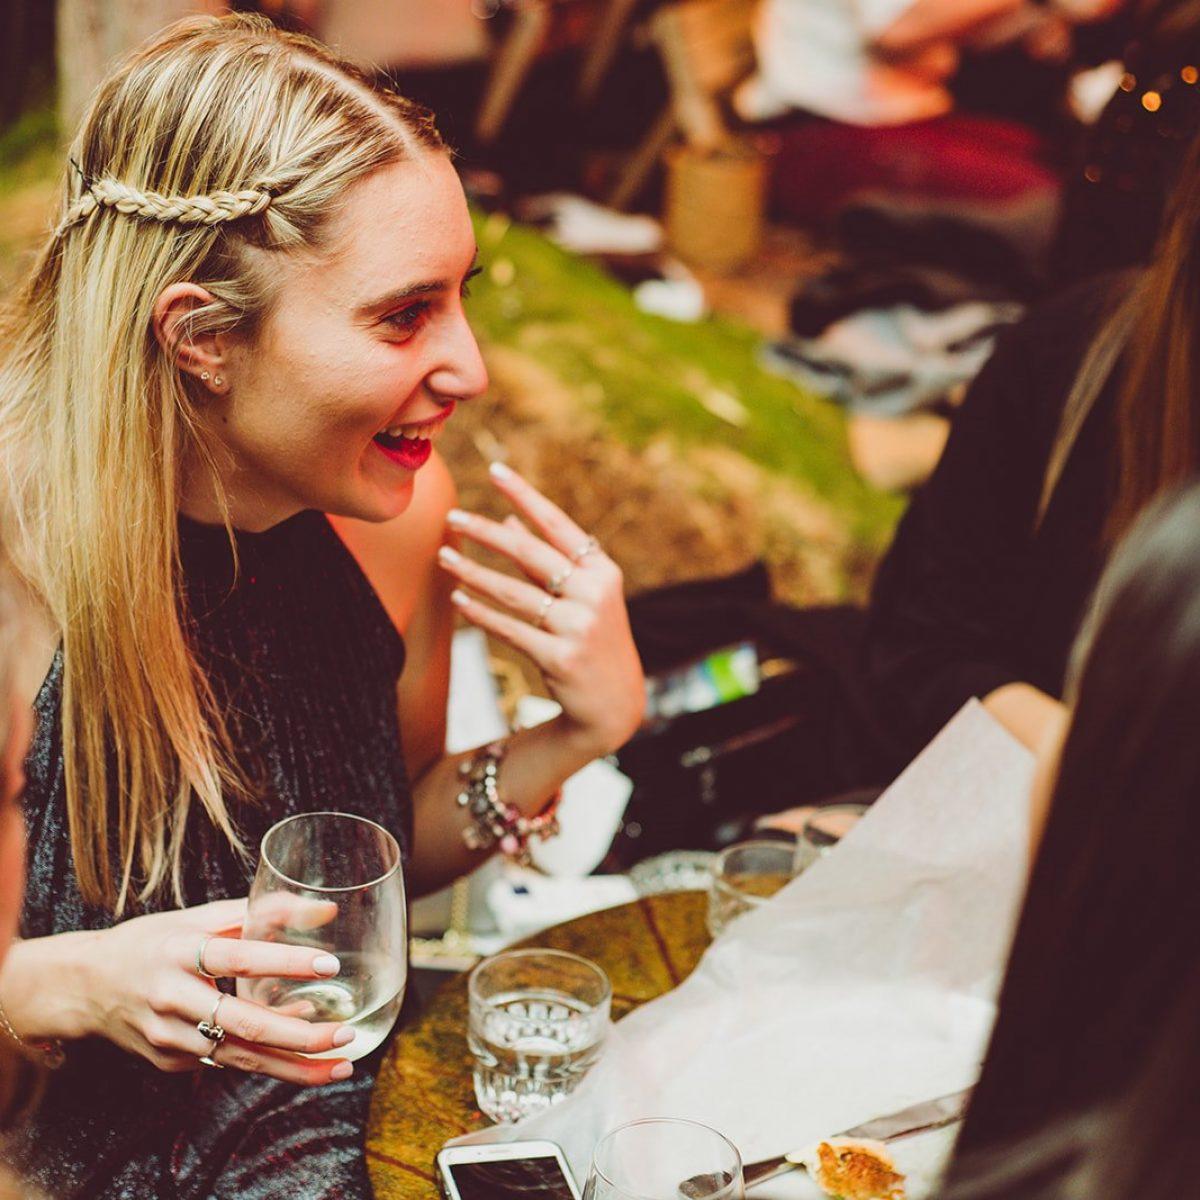 בחורה בבר עם מקשה מחוייכת - A girl with a drink all happy at the bar